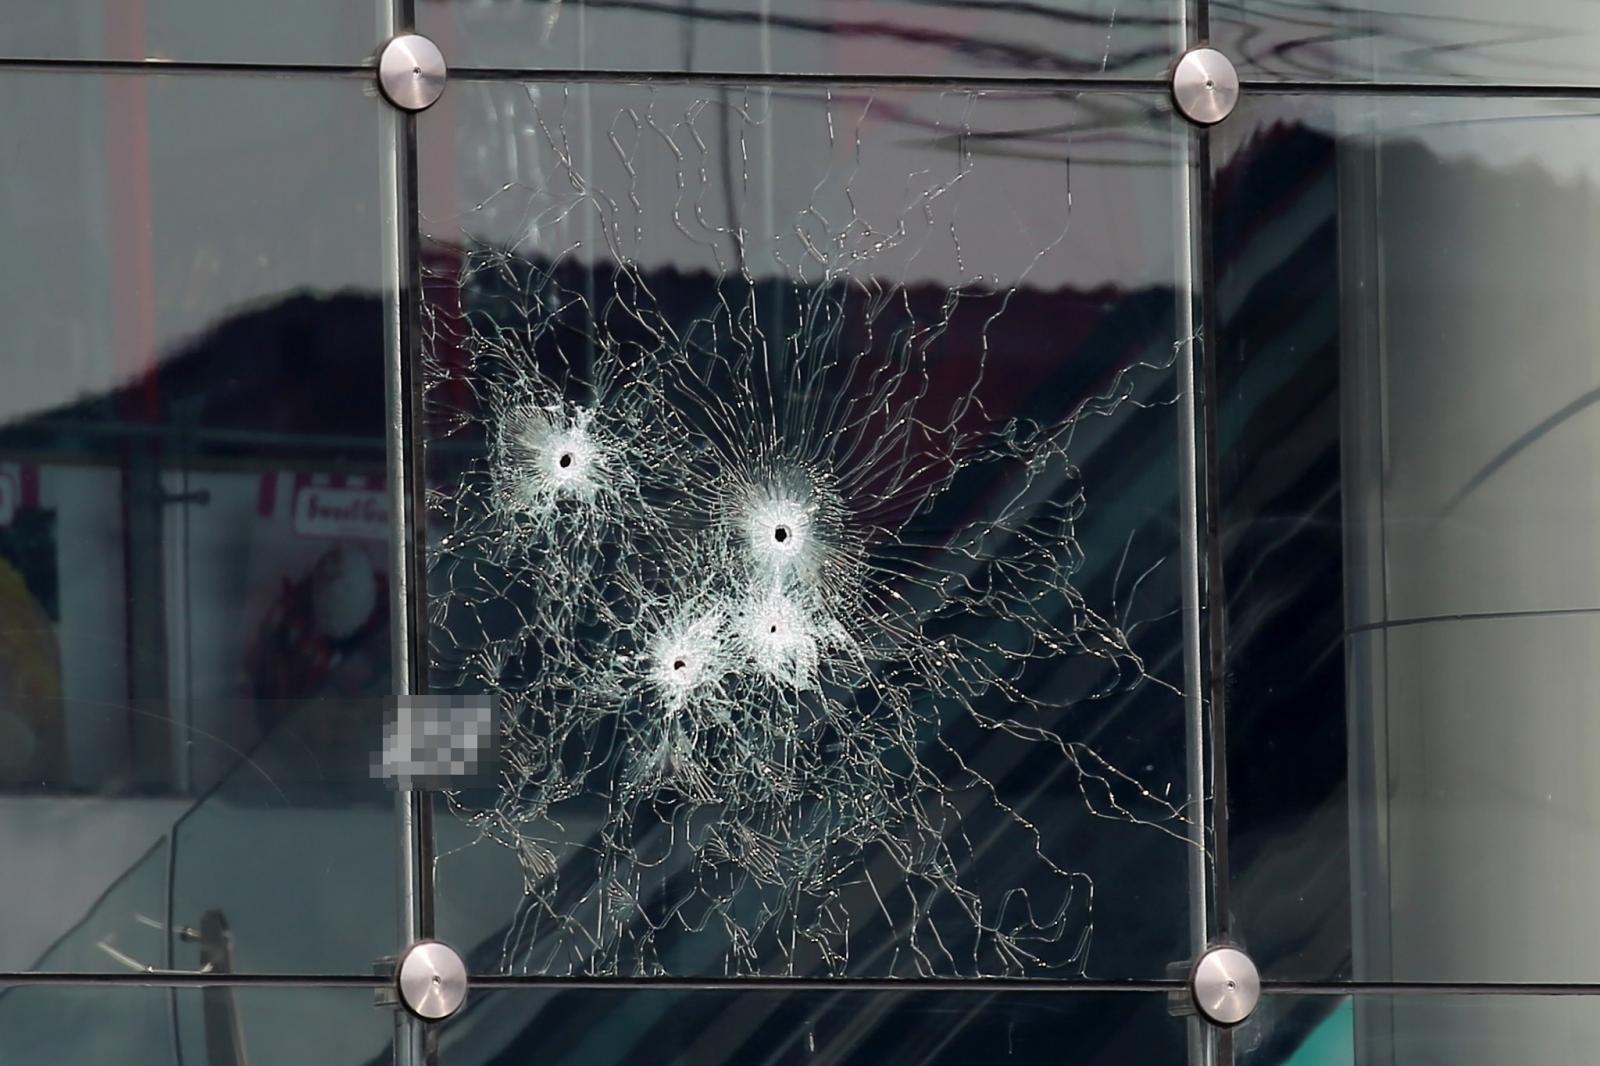 """36ข่าวแห่งปี : """"จ่าคลั่ง"""" กราดยิง โศกนาฏกรรมกลางเมืองโคราช เปิดปมฉ้อฉลในค่ายทหาร"""